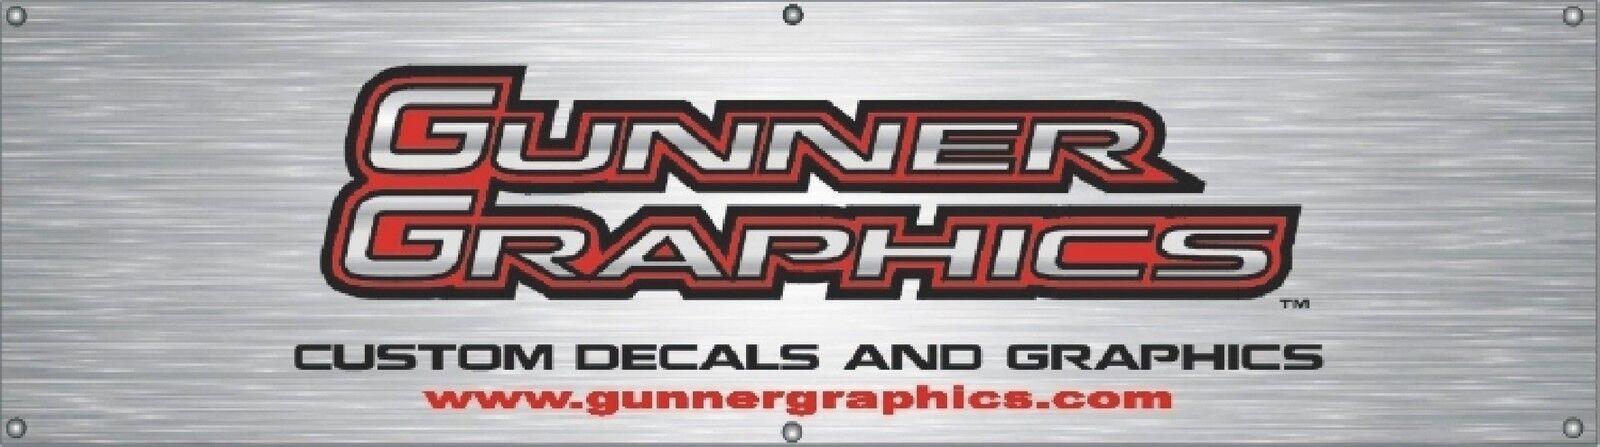 GUNNER GRAPHICS